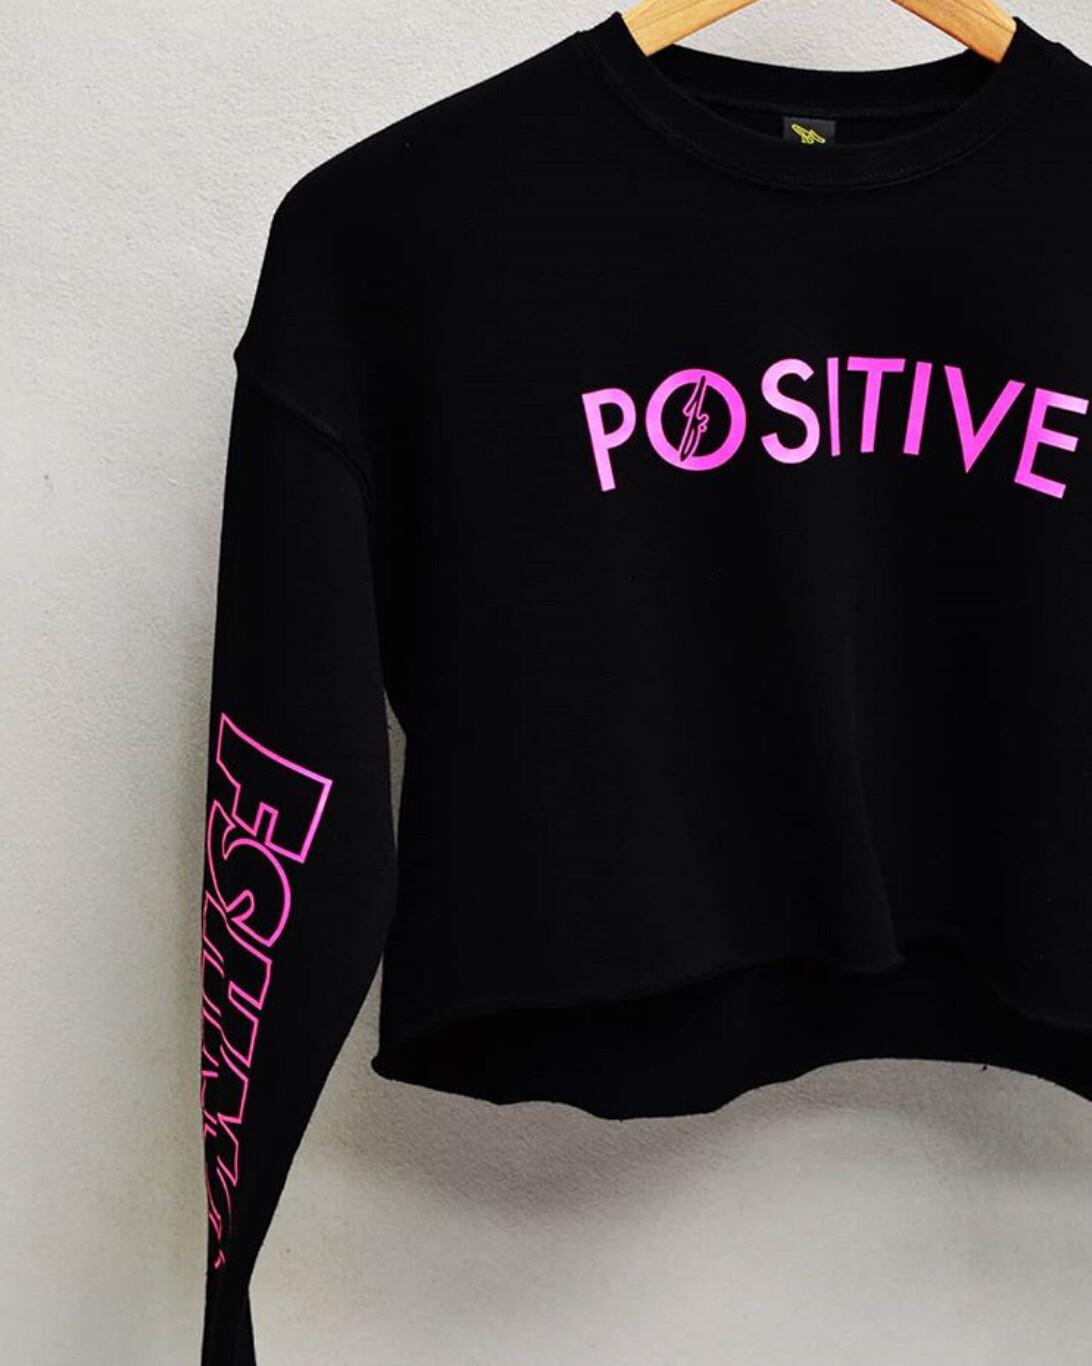 FSHNS - Womens Positive Long Sleeve Crop Top